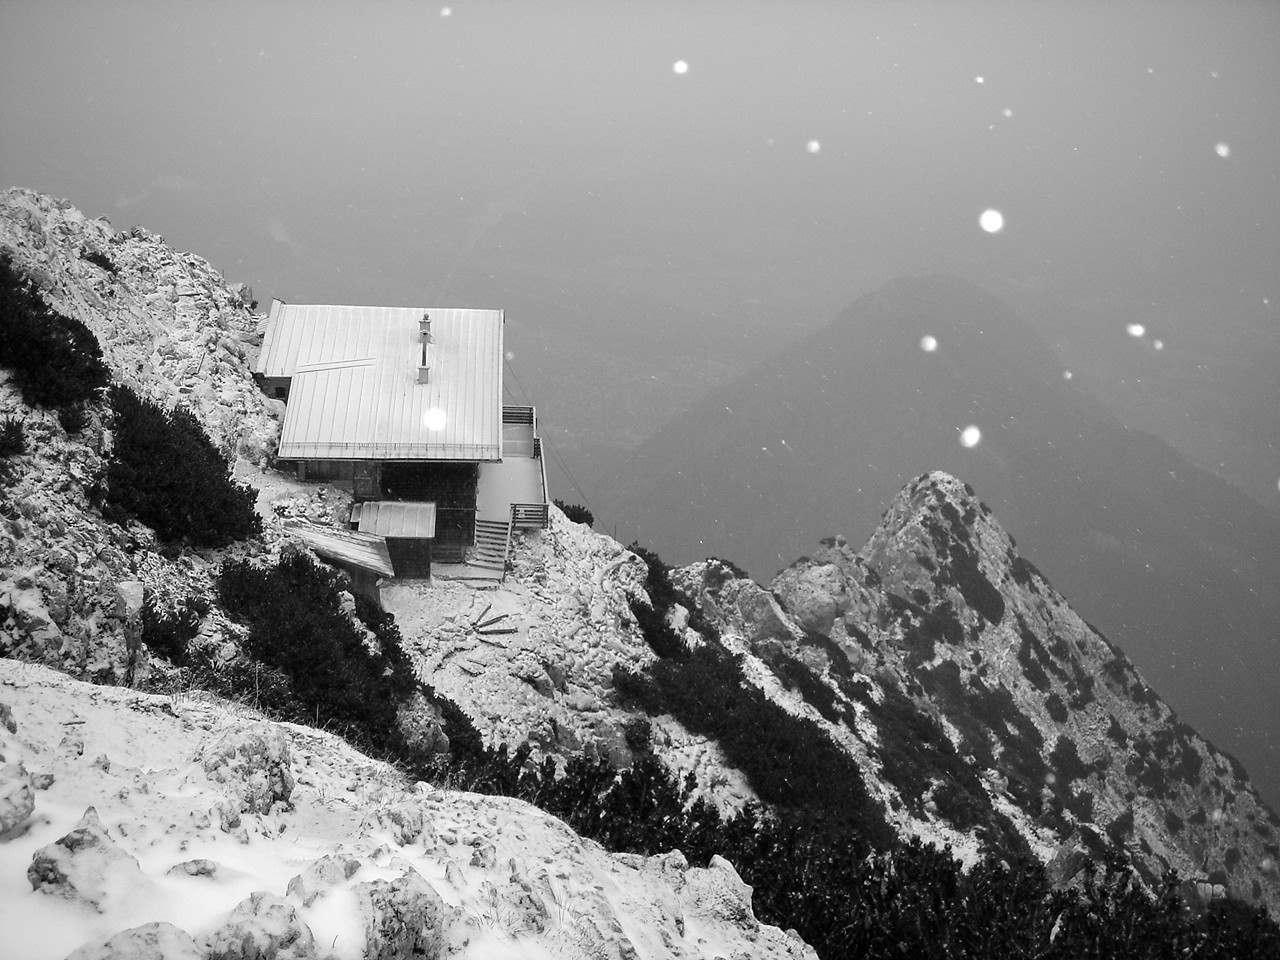 Foto: Manfred Karl / Wander Tour / Von der Padinger Alm auf den Hochstaufen / Staufenhaus - im Winter geschlossen. / 18.05.2007 06:58:21